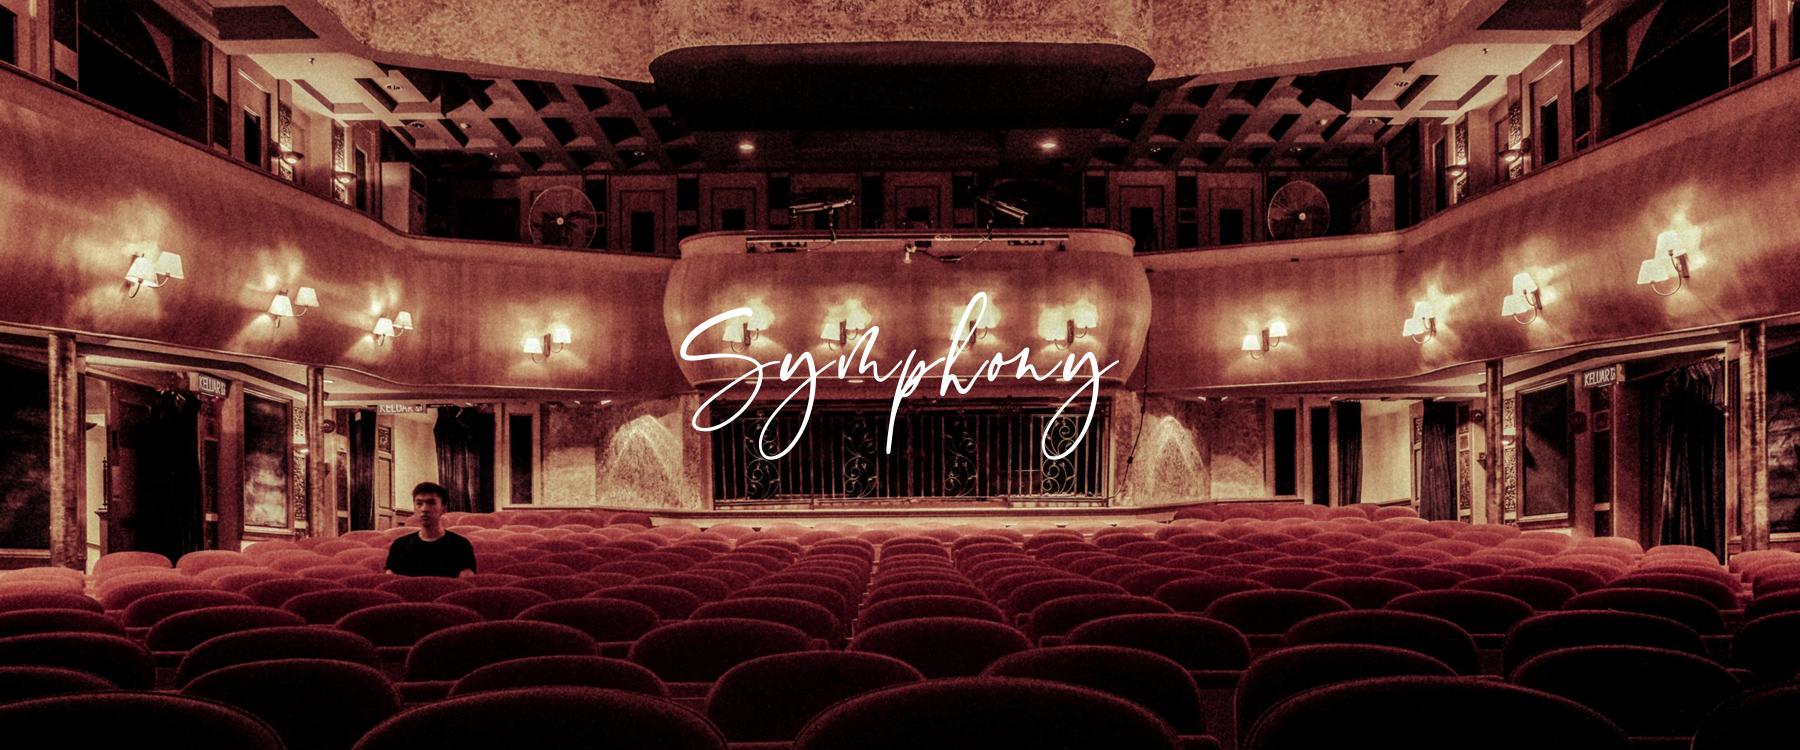 Symphony-1800×750-1